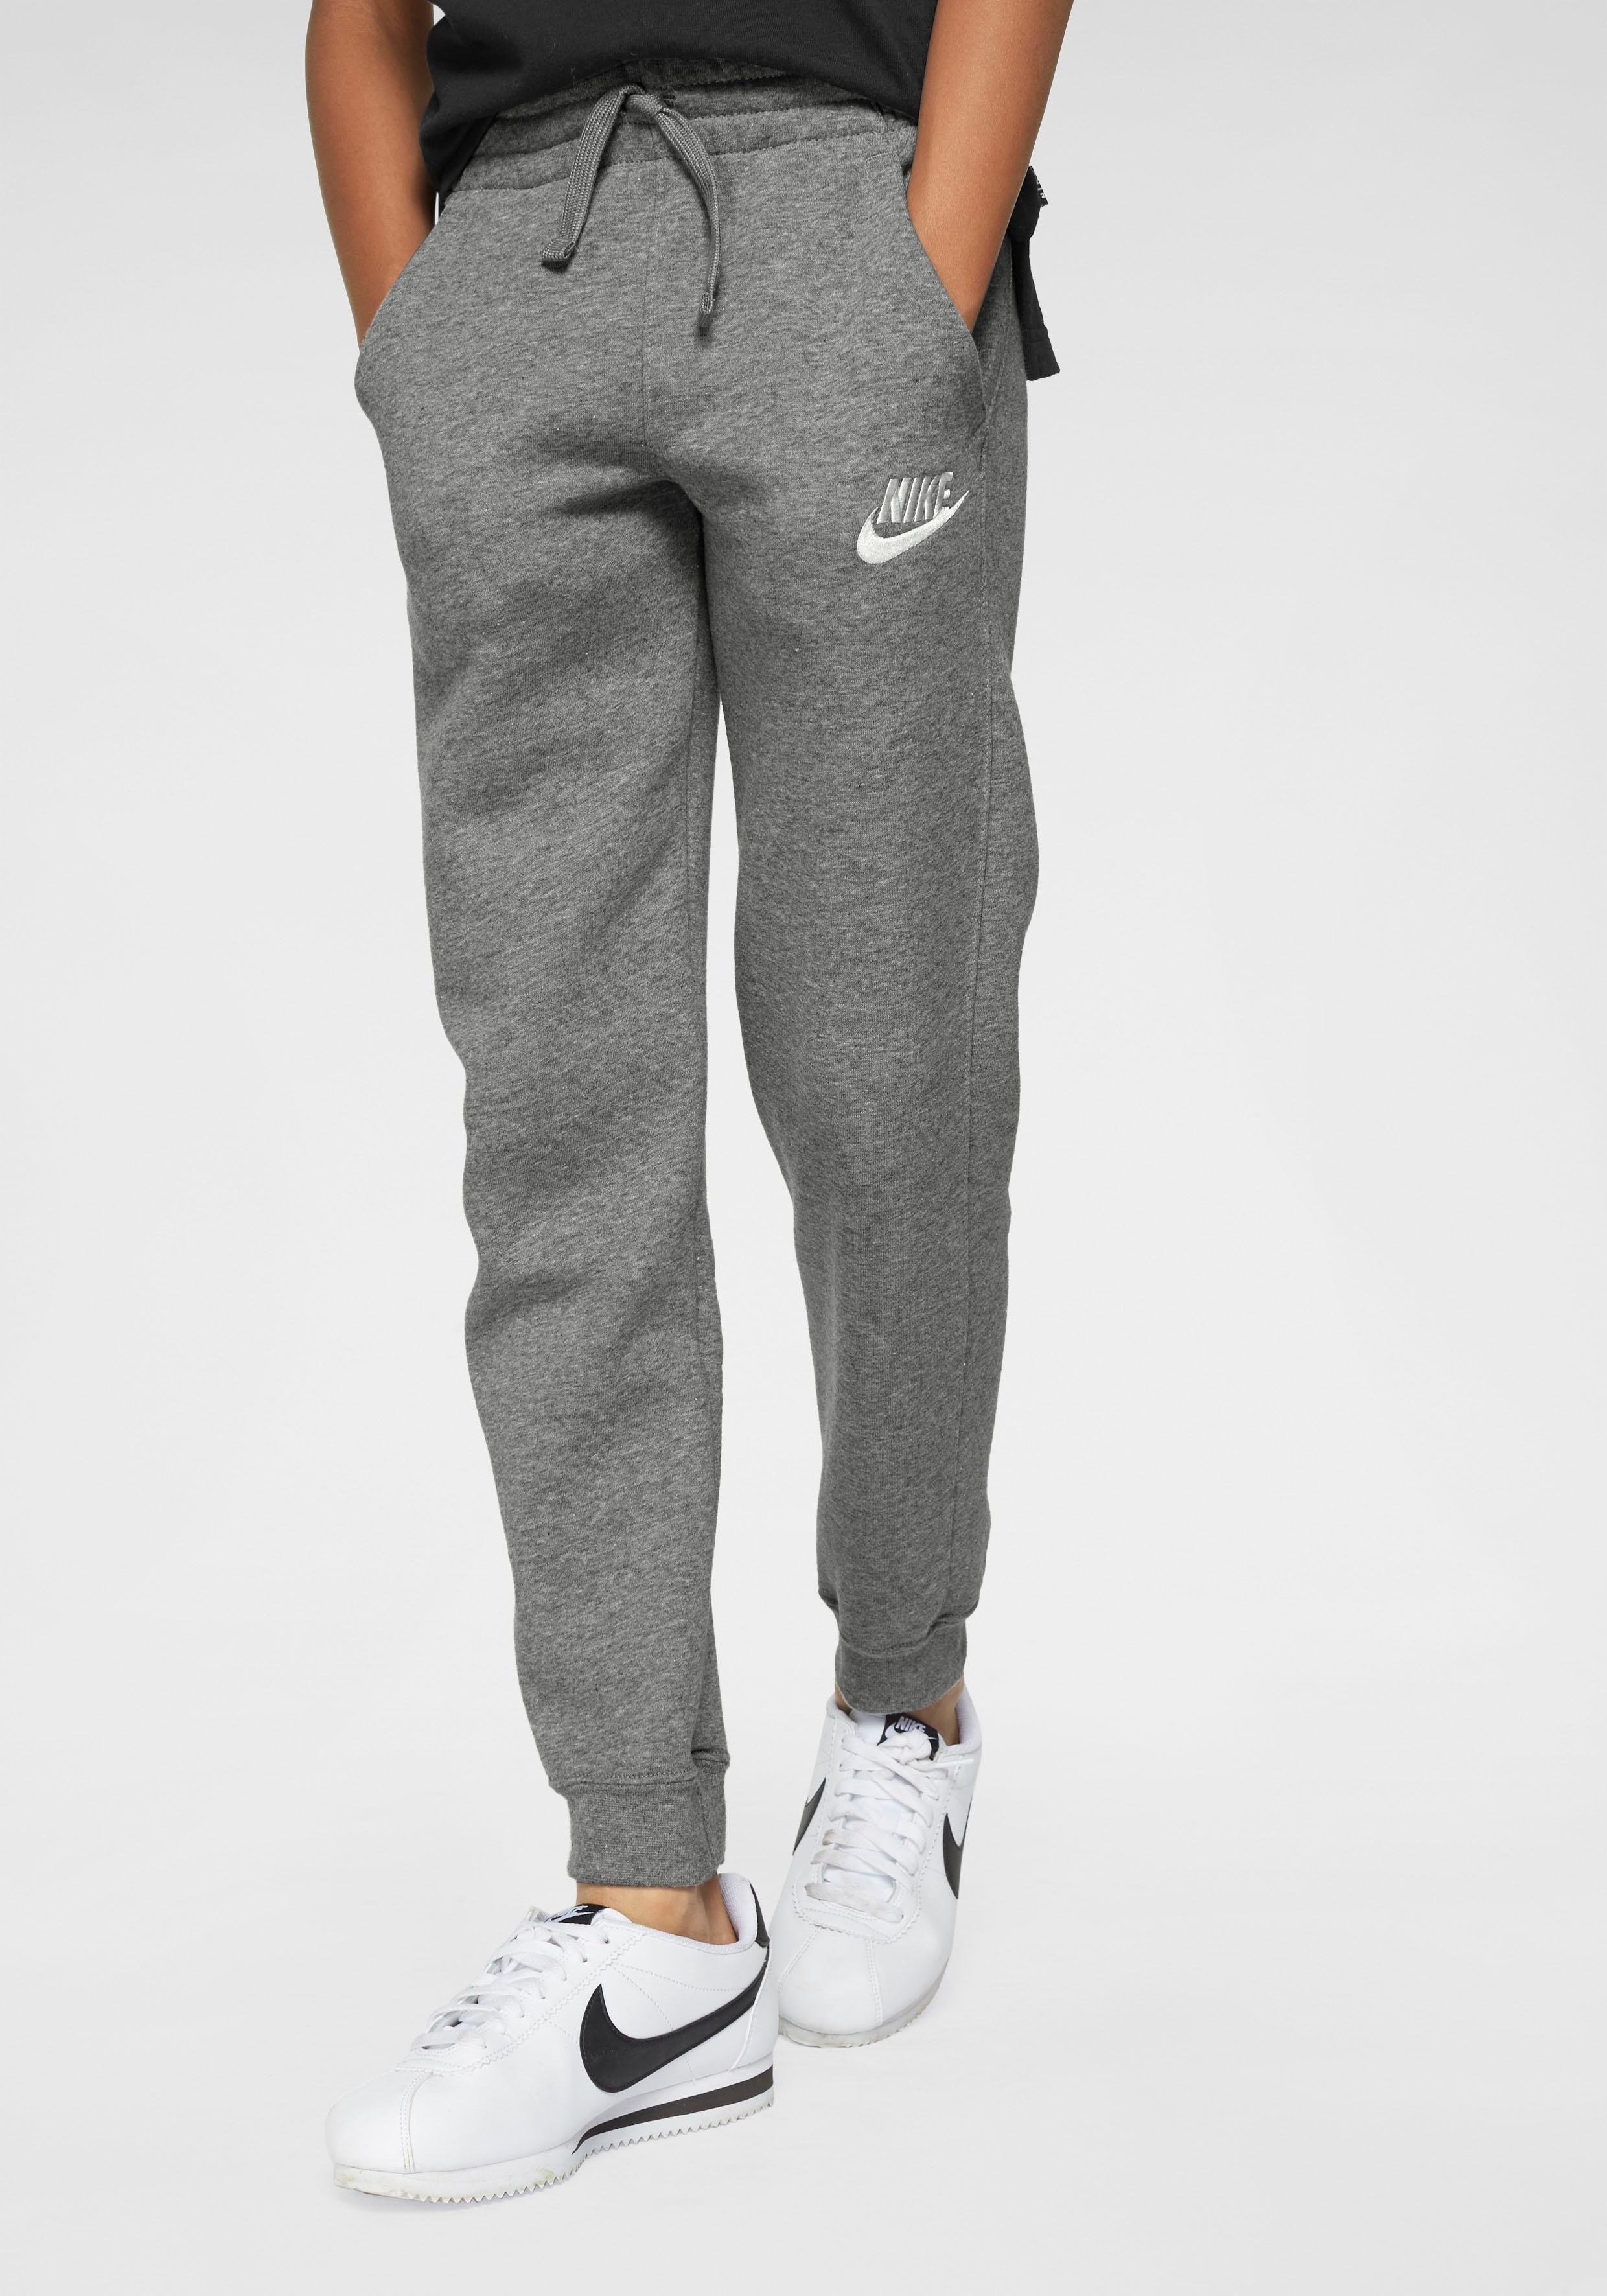 Nike Sportswear joggingbroek »BOYS NIKE SPORTSWEAR CLUB FLEECE JOGGER PANT« veilig op otto.nl kopen